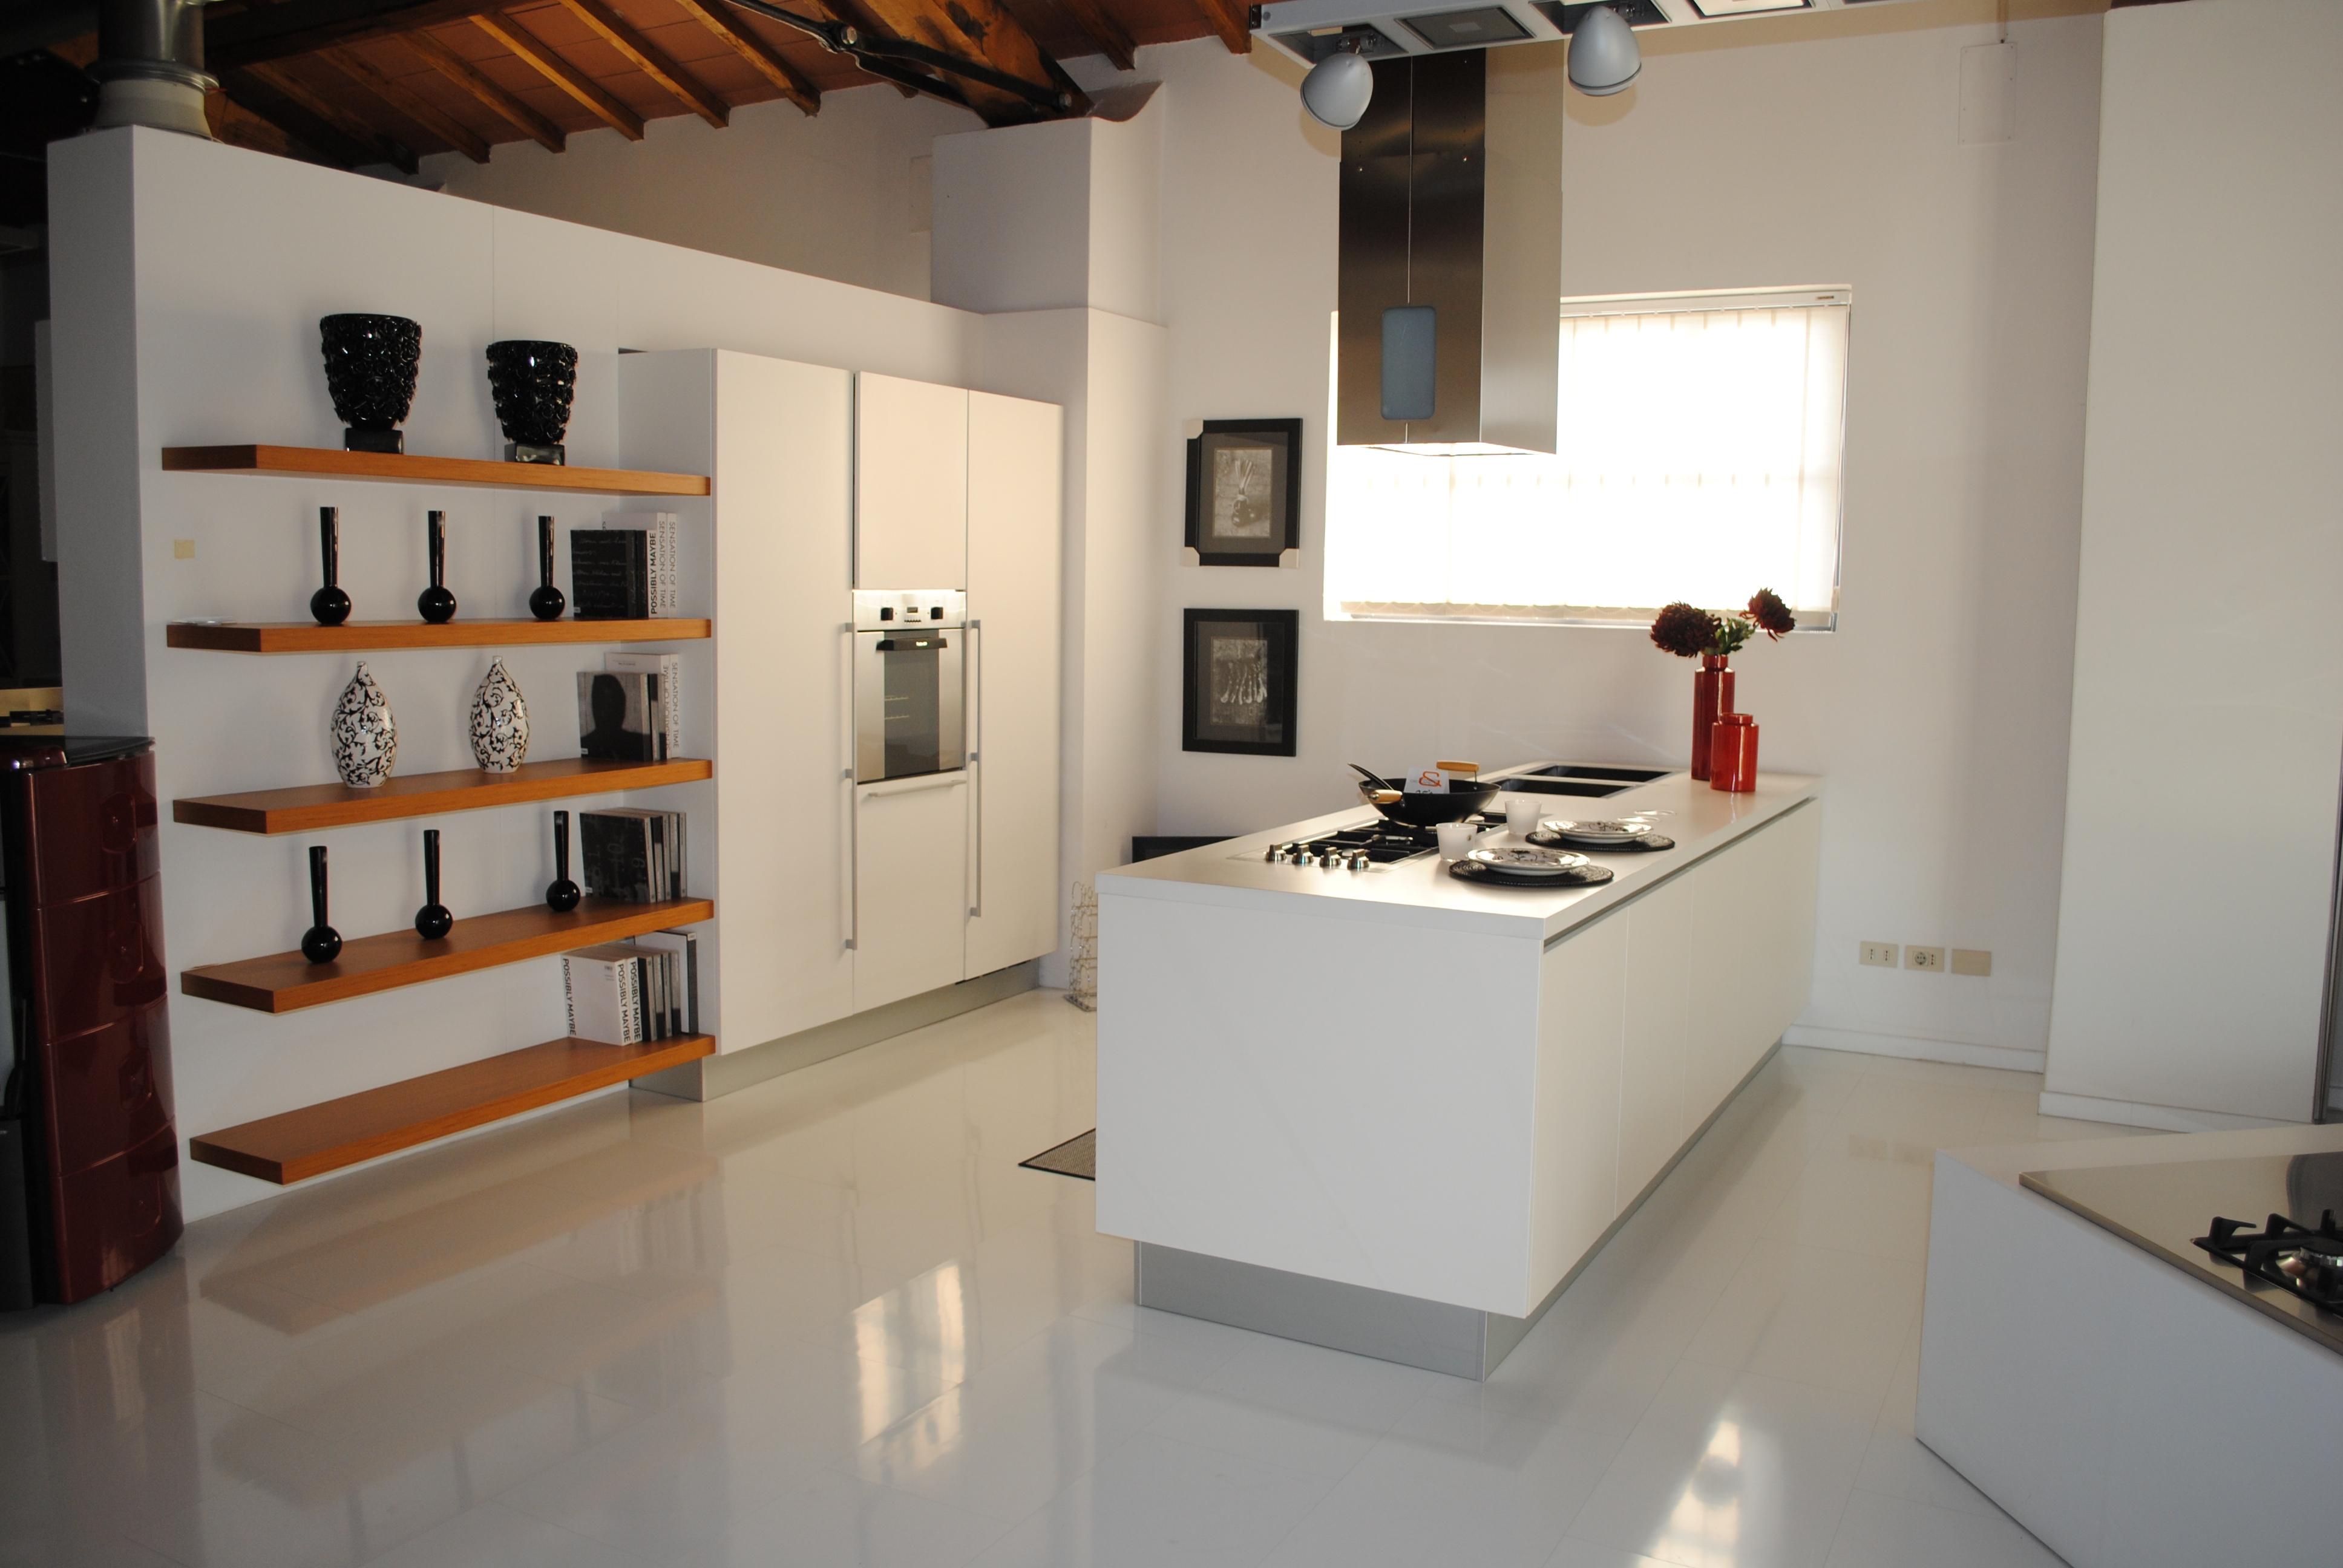 Cucina varenna in promozione cucine a prezzi scontati - Prezzi ante cucina ...